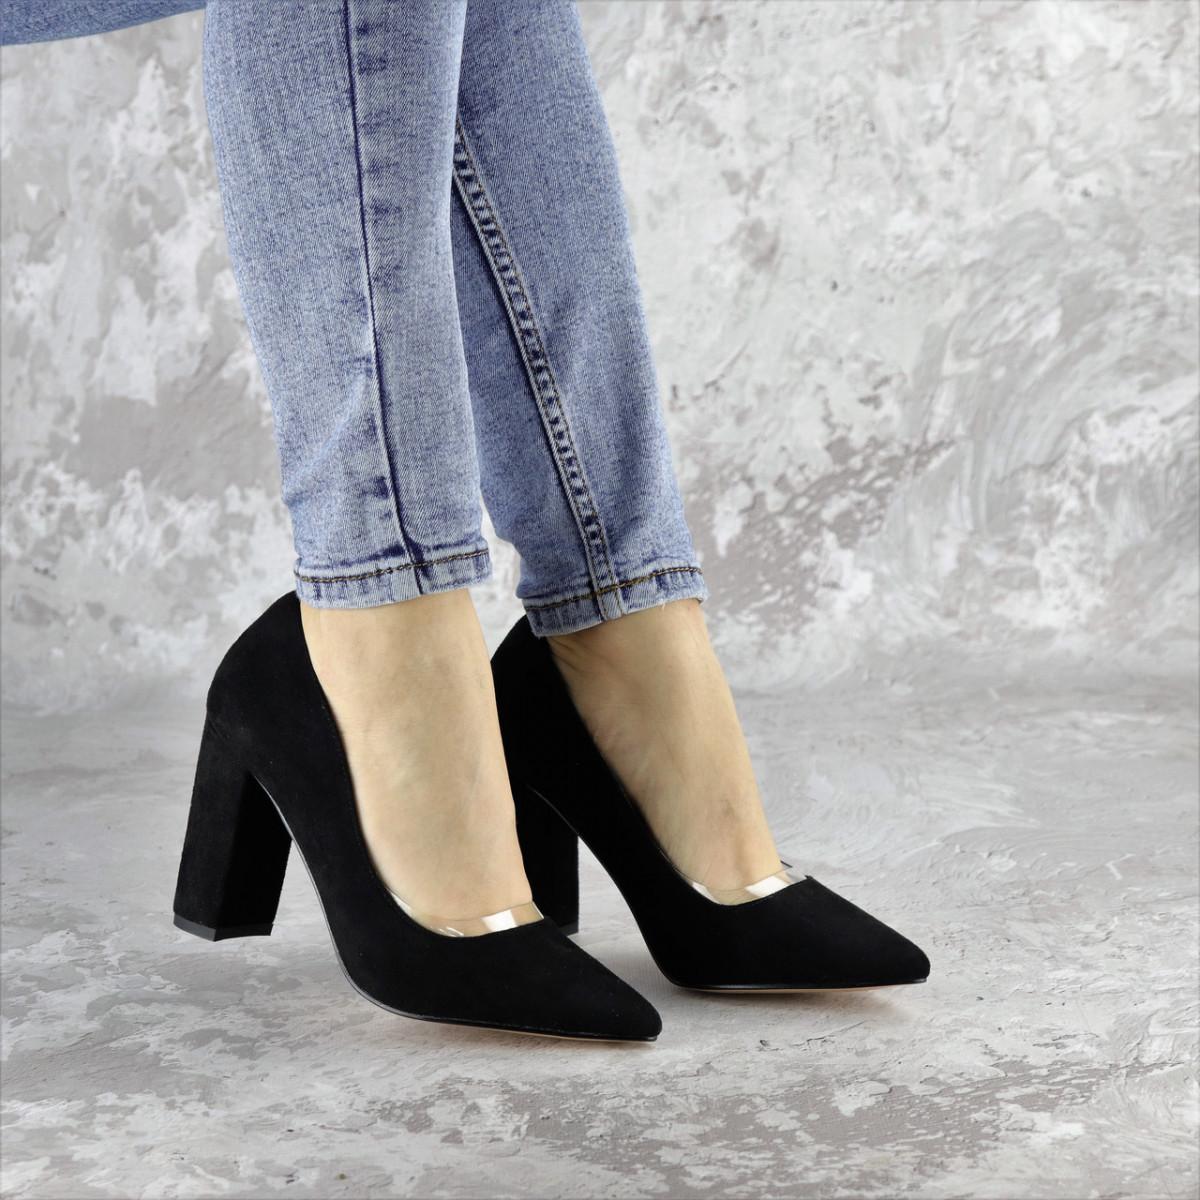 Туфли женские на каблуке Fashion Snuffles 2399 36 размер 23,5 см Черный